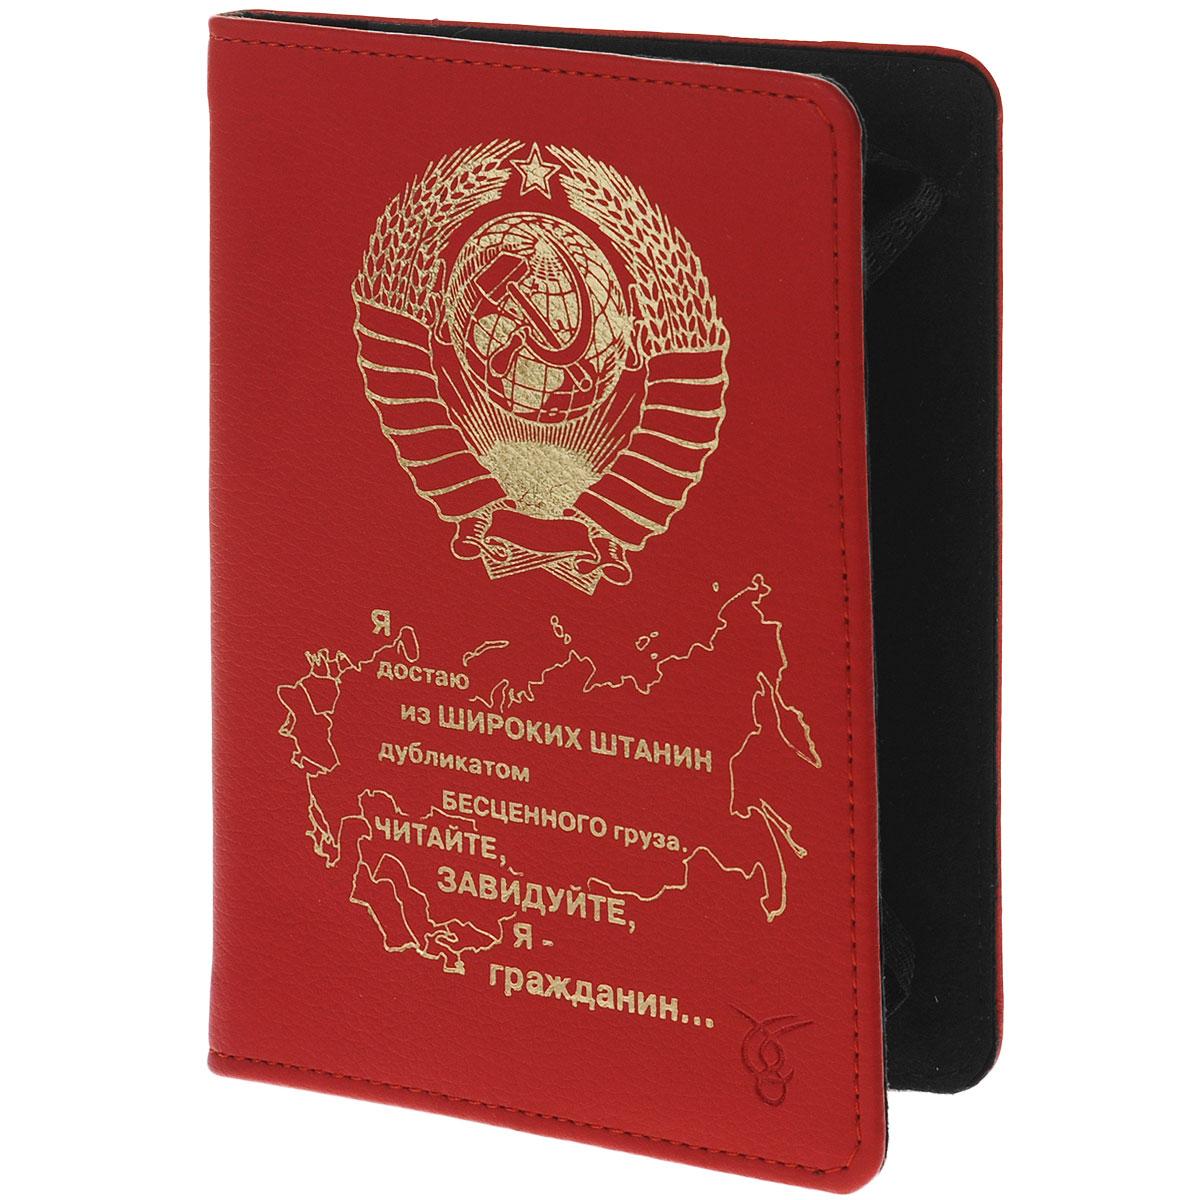 Vivacase Soviet чехол для планшетов 7+, Red (VUC-CSV07P-r)VUC-CSV07P-rЧехол Viva Sovietпредназначен для защиты электронных устройств диагональю 7+ дюймов от механического повреждения и влаги. Крепление PVS позволяет надежно зафиксировать устройство.